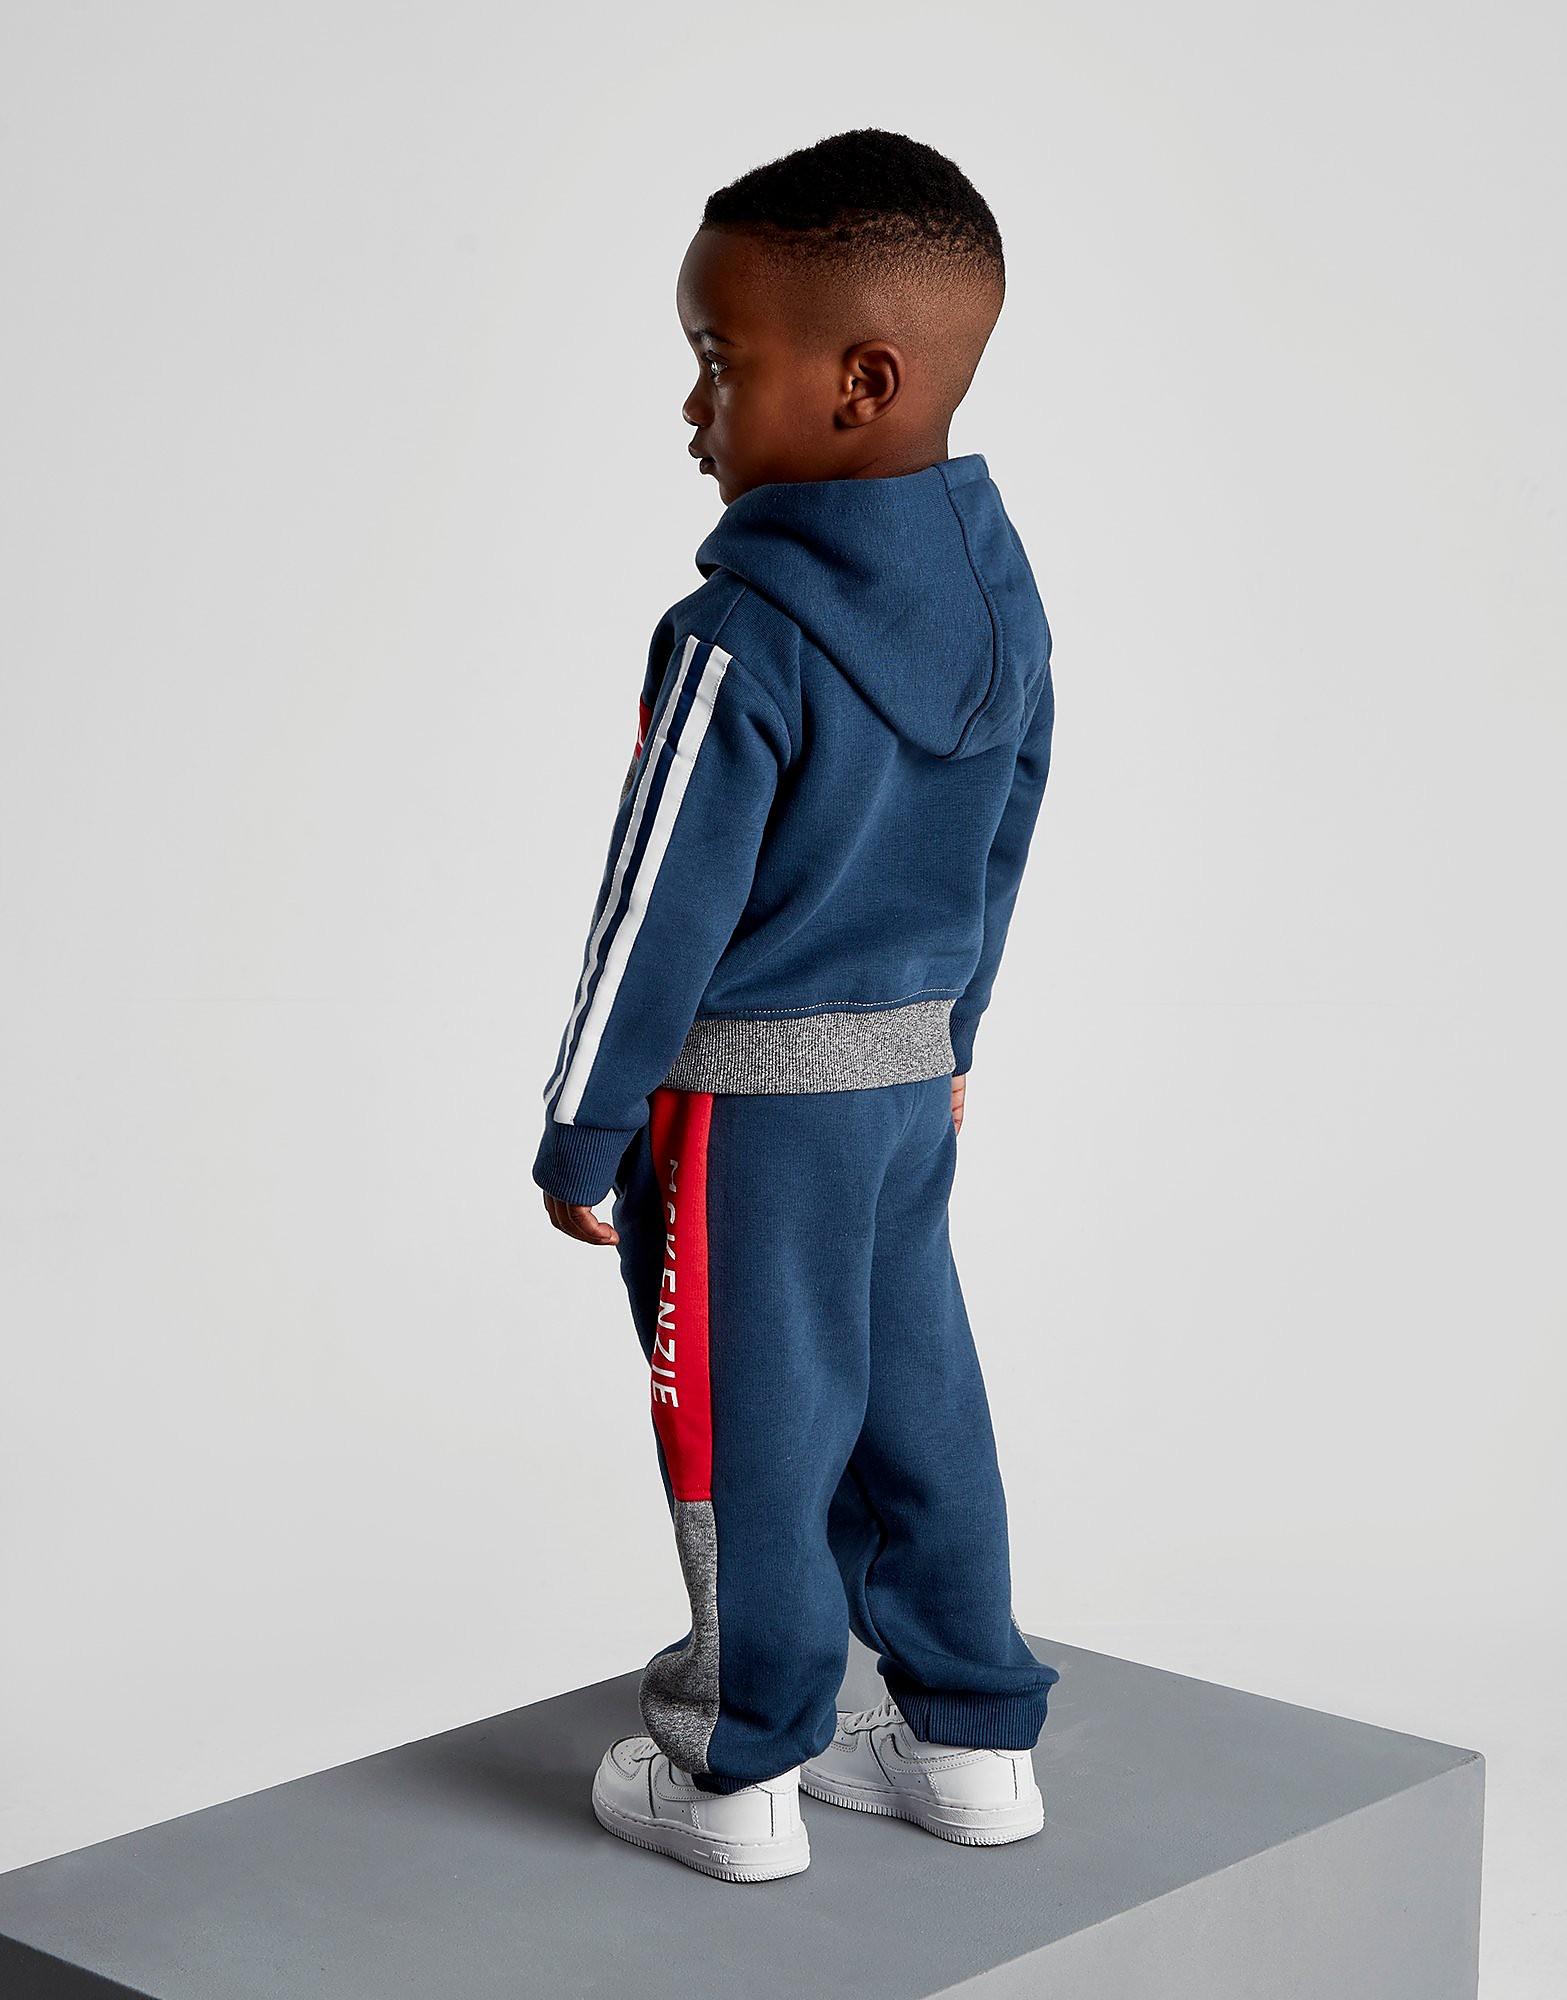 McKenzie Tillman Suit Infant